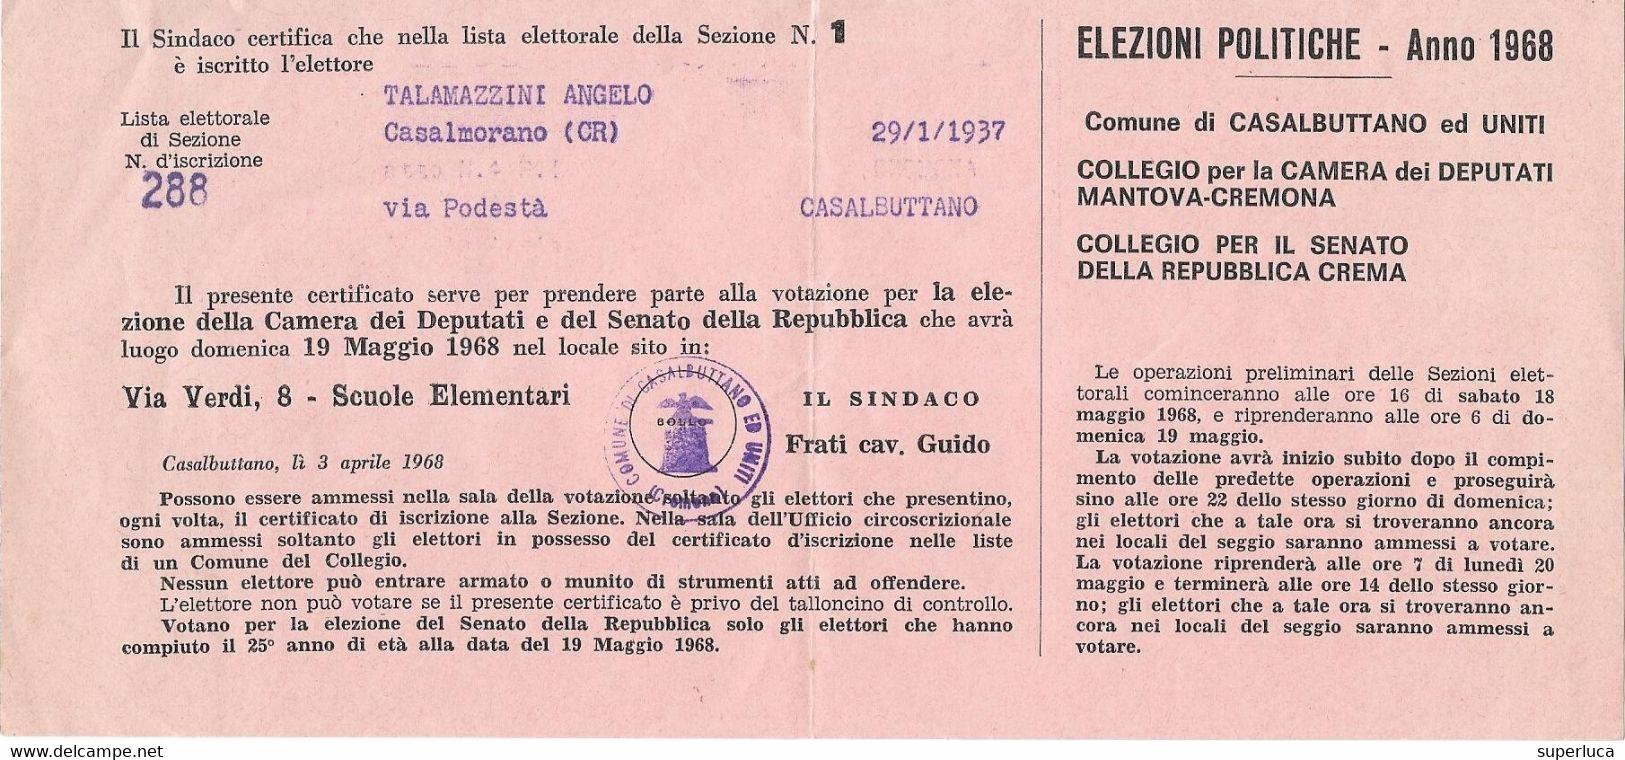 9-ELEZIONI POLITICHE-ANNO 1968-CERTIFICATO ELETTORALE-COMPLETO IN TUTTE LE SUE PARTI - Decrees & Laws